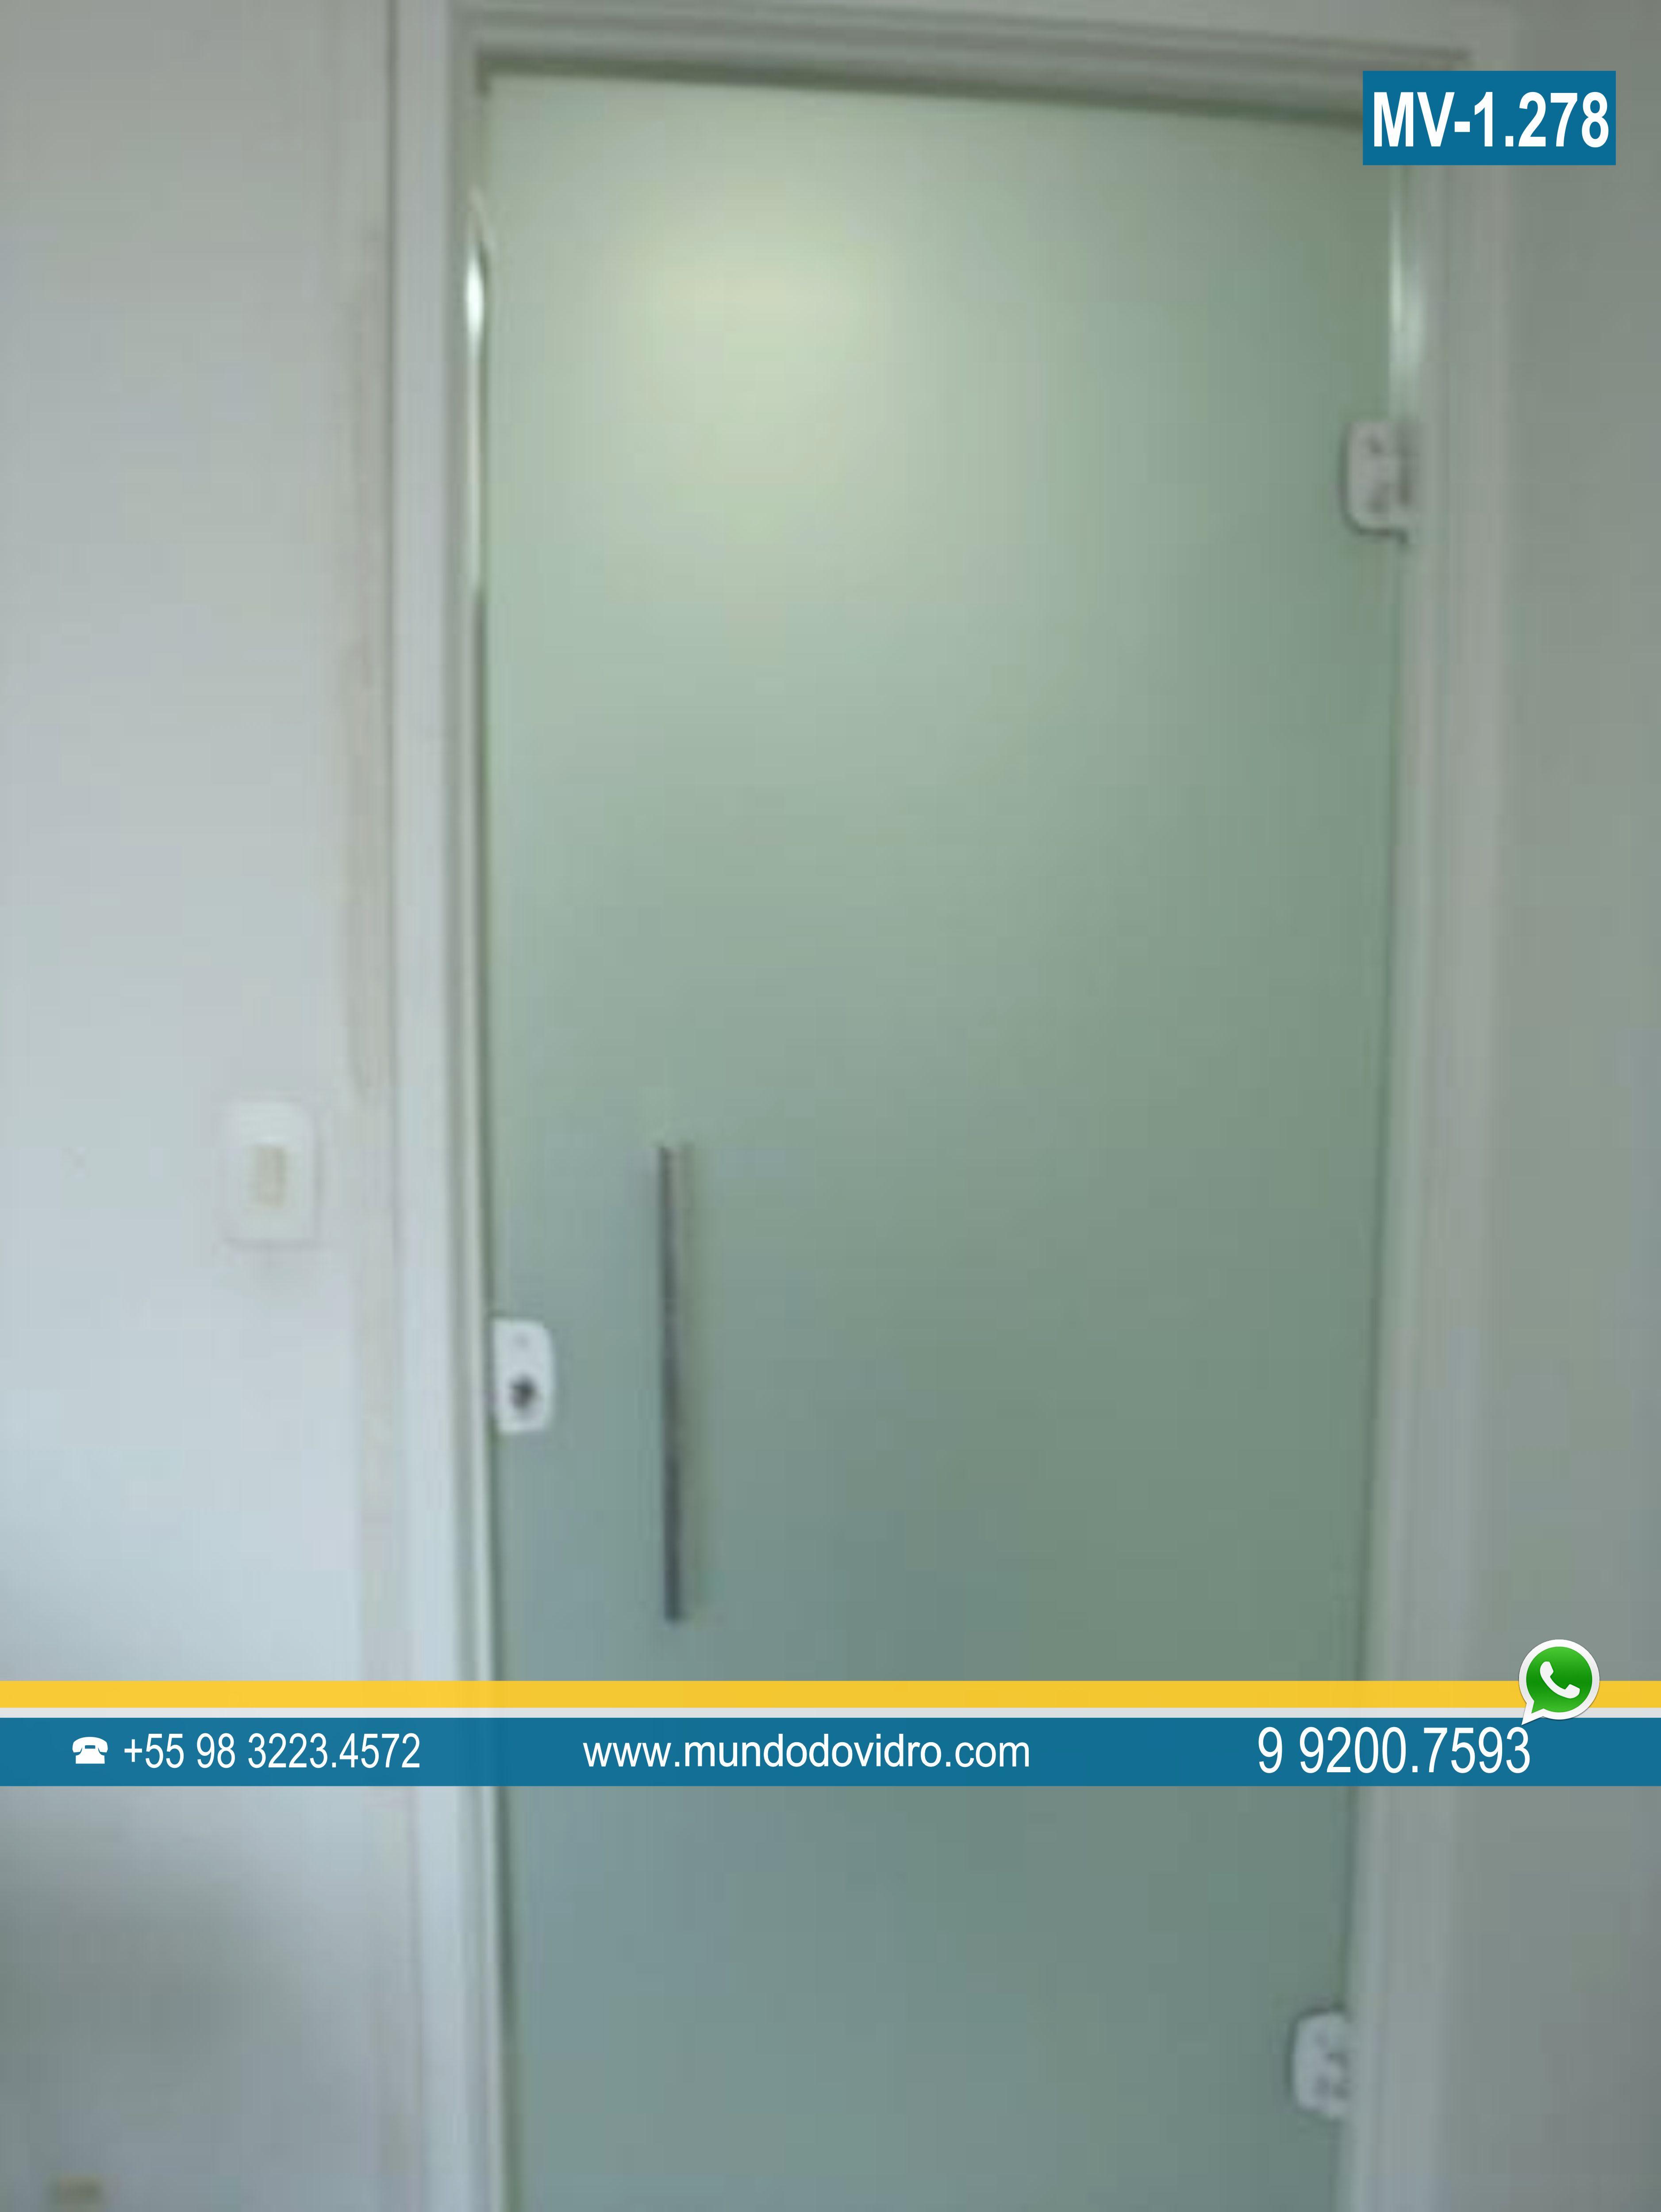 Porta de vidro Portas de vidro temperado em São Luís MA #C29709 3754 5000